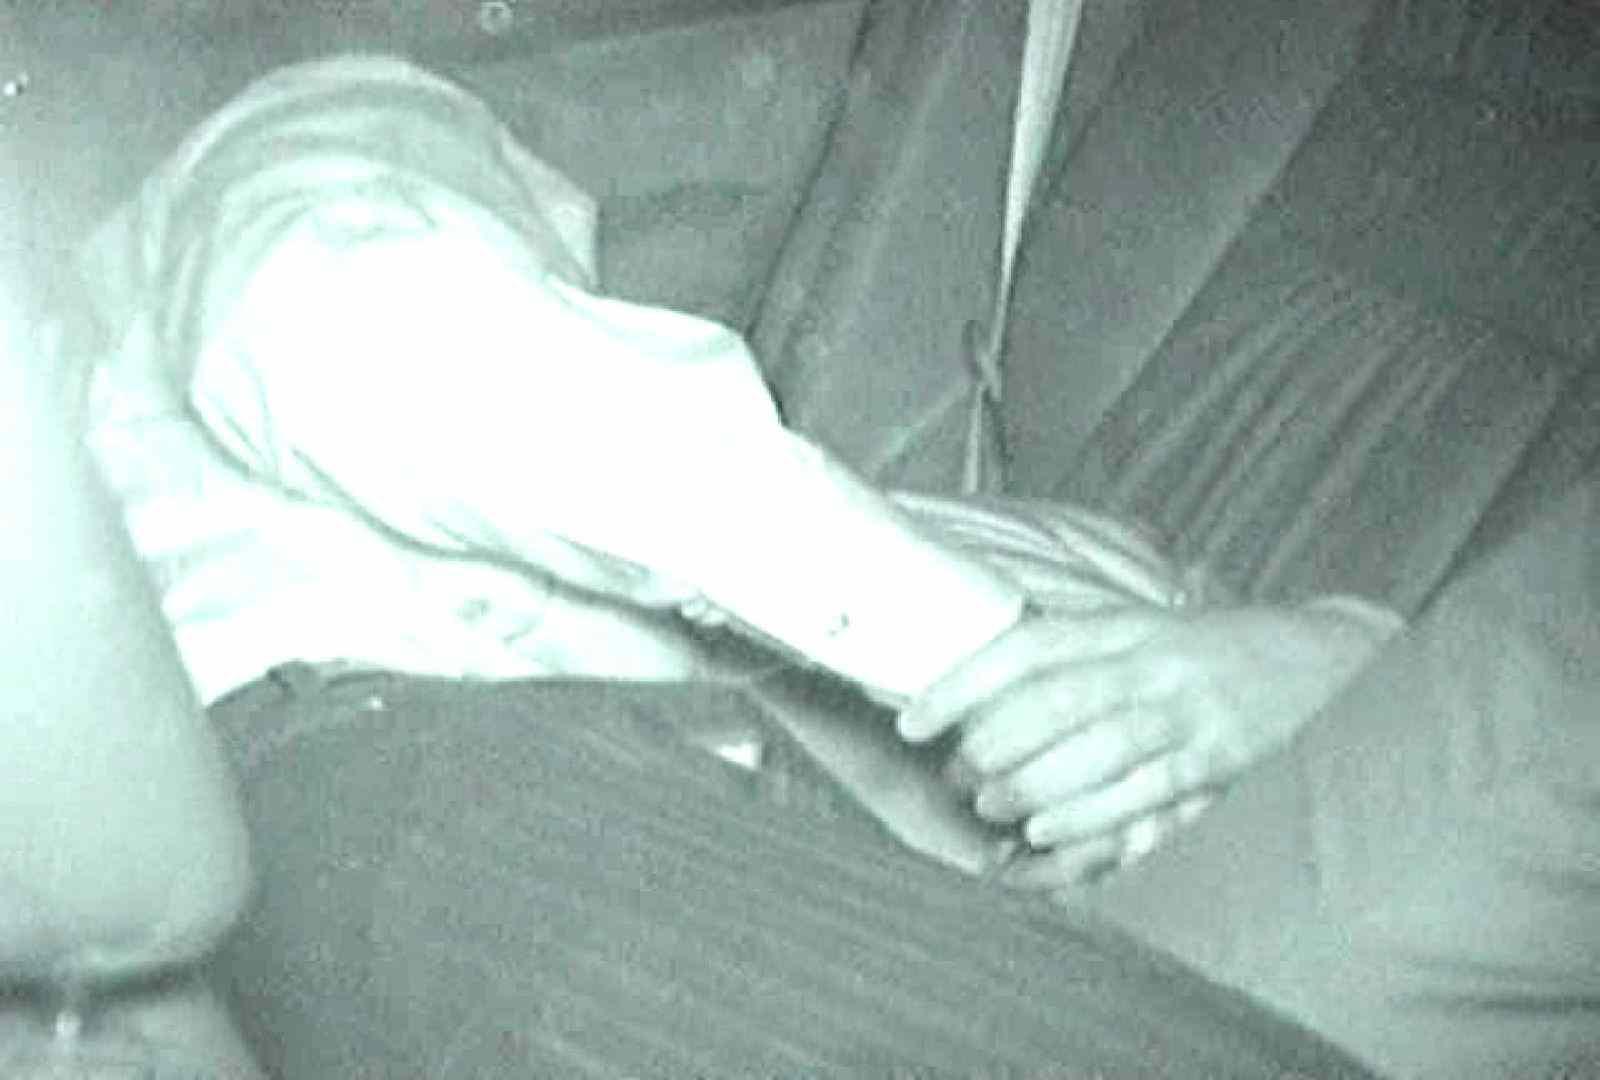 充血監督の深夜の運動会Vol.93 カップル記念日 オマンコ動画キャプチャ 66連発 59